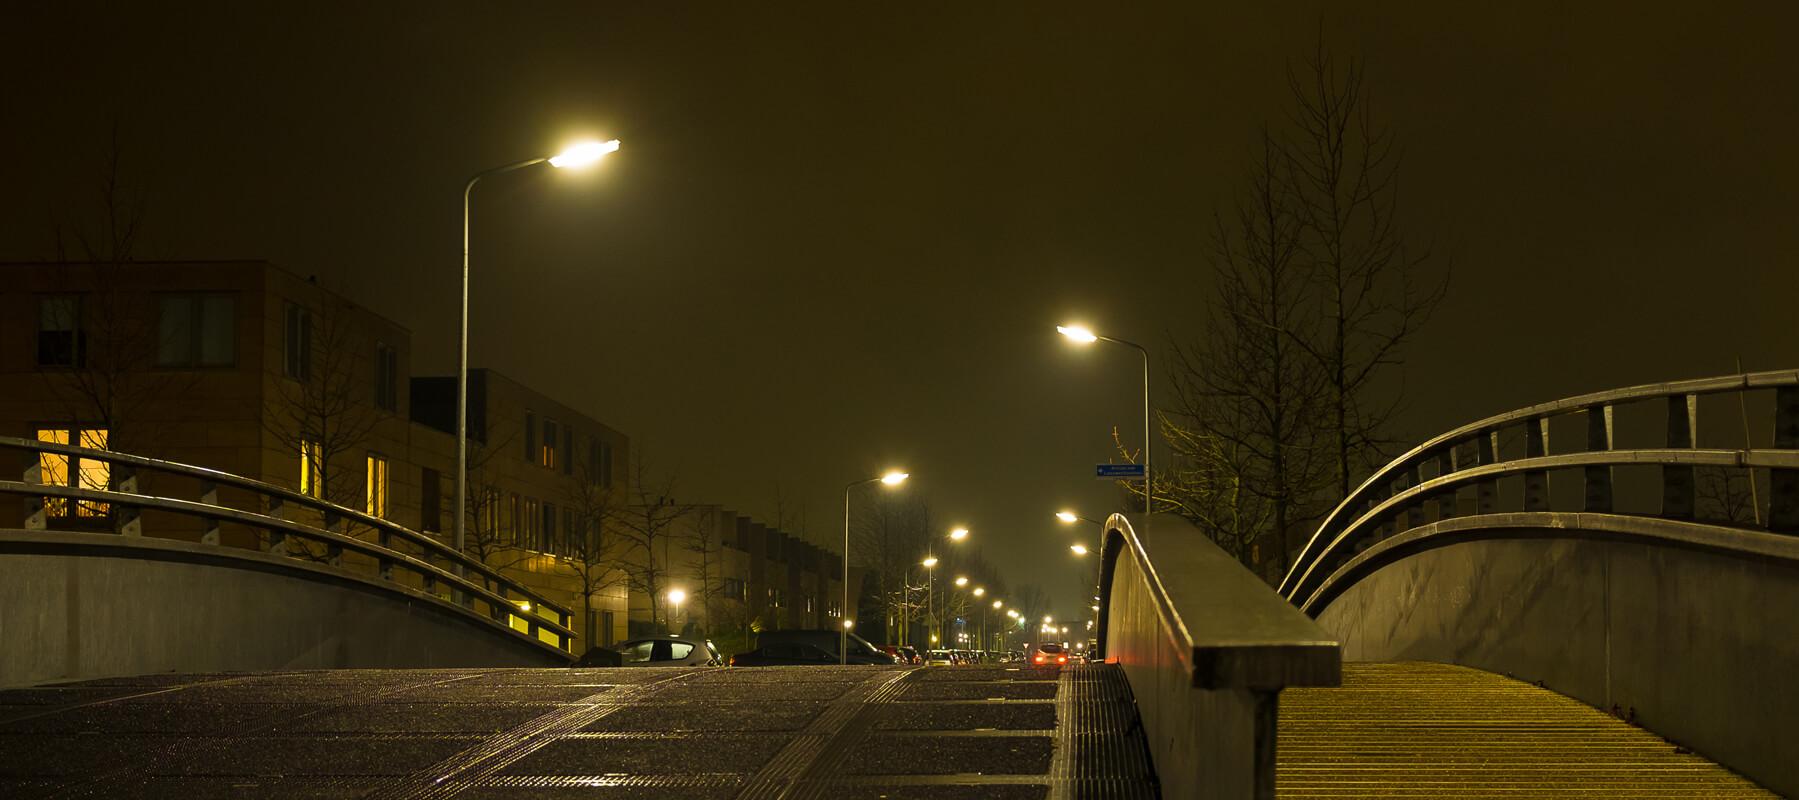 Oranje straatverlichting - natriumlamp vervangen door LED